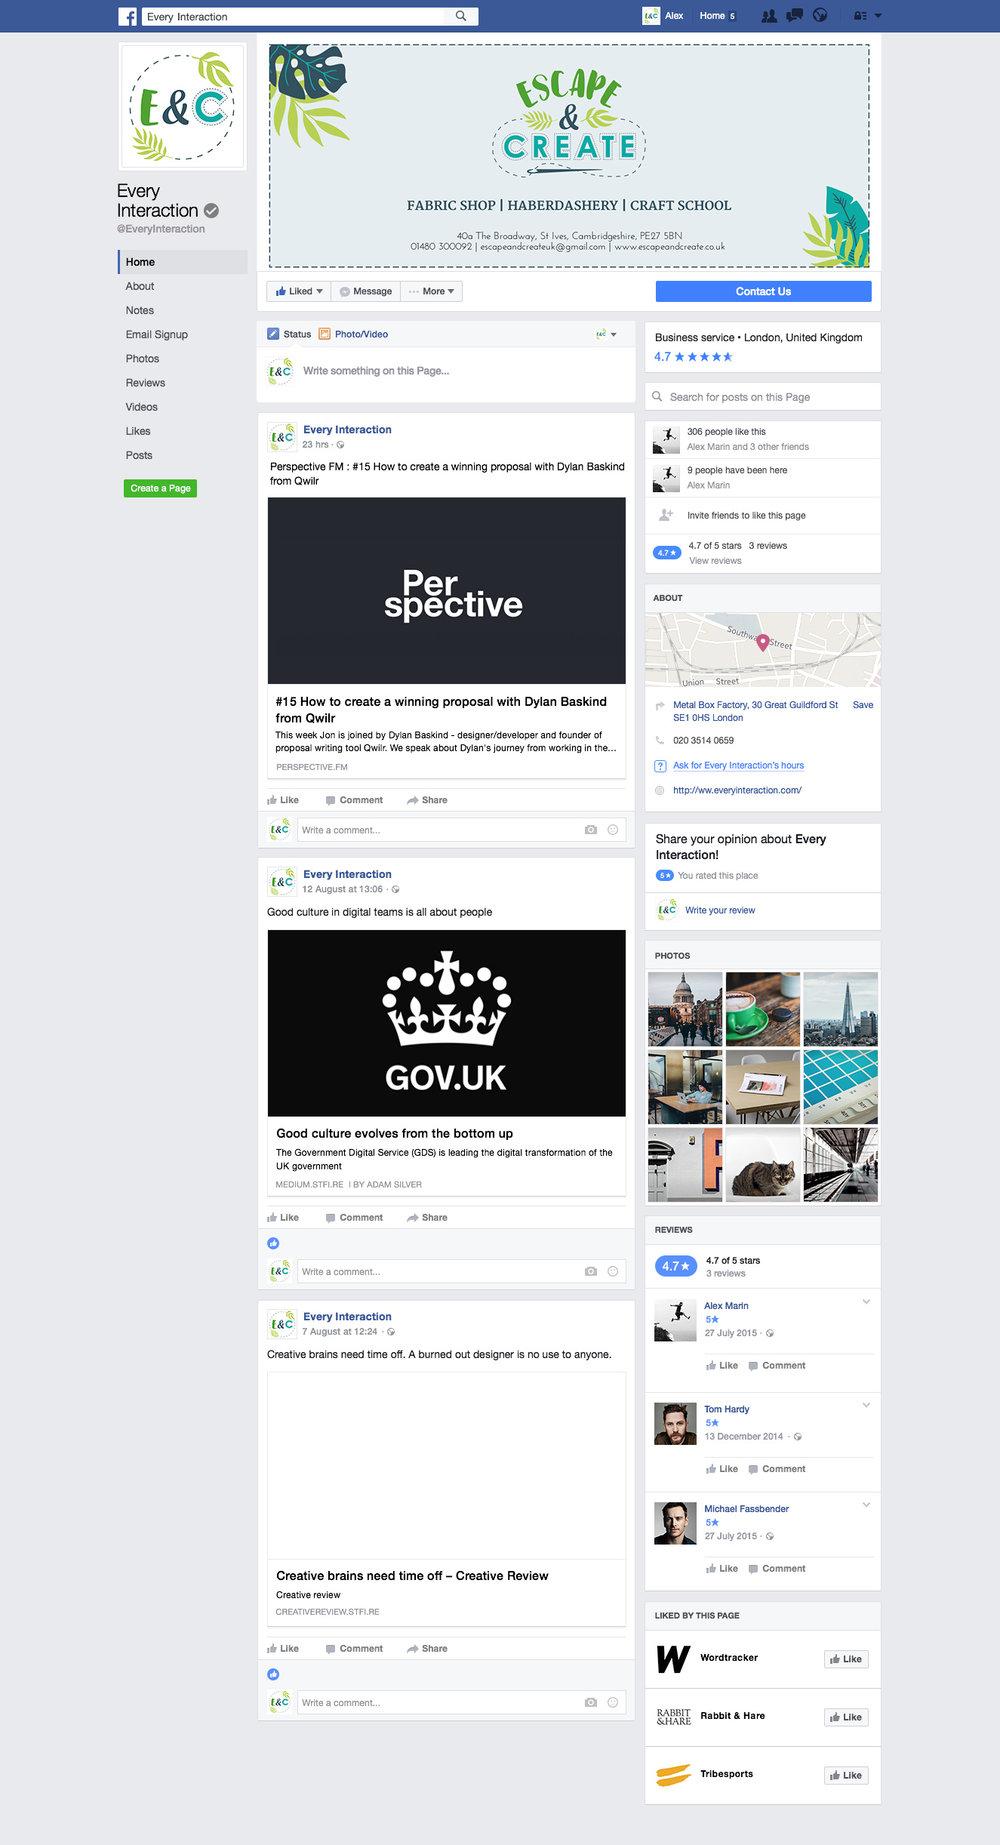 Krishna Solanki Designs - Escape & Create - Facebook graphics